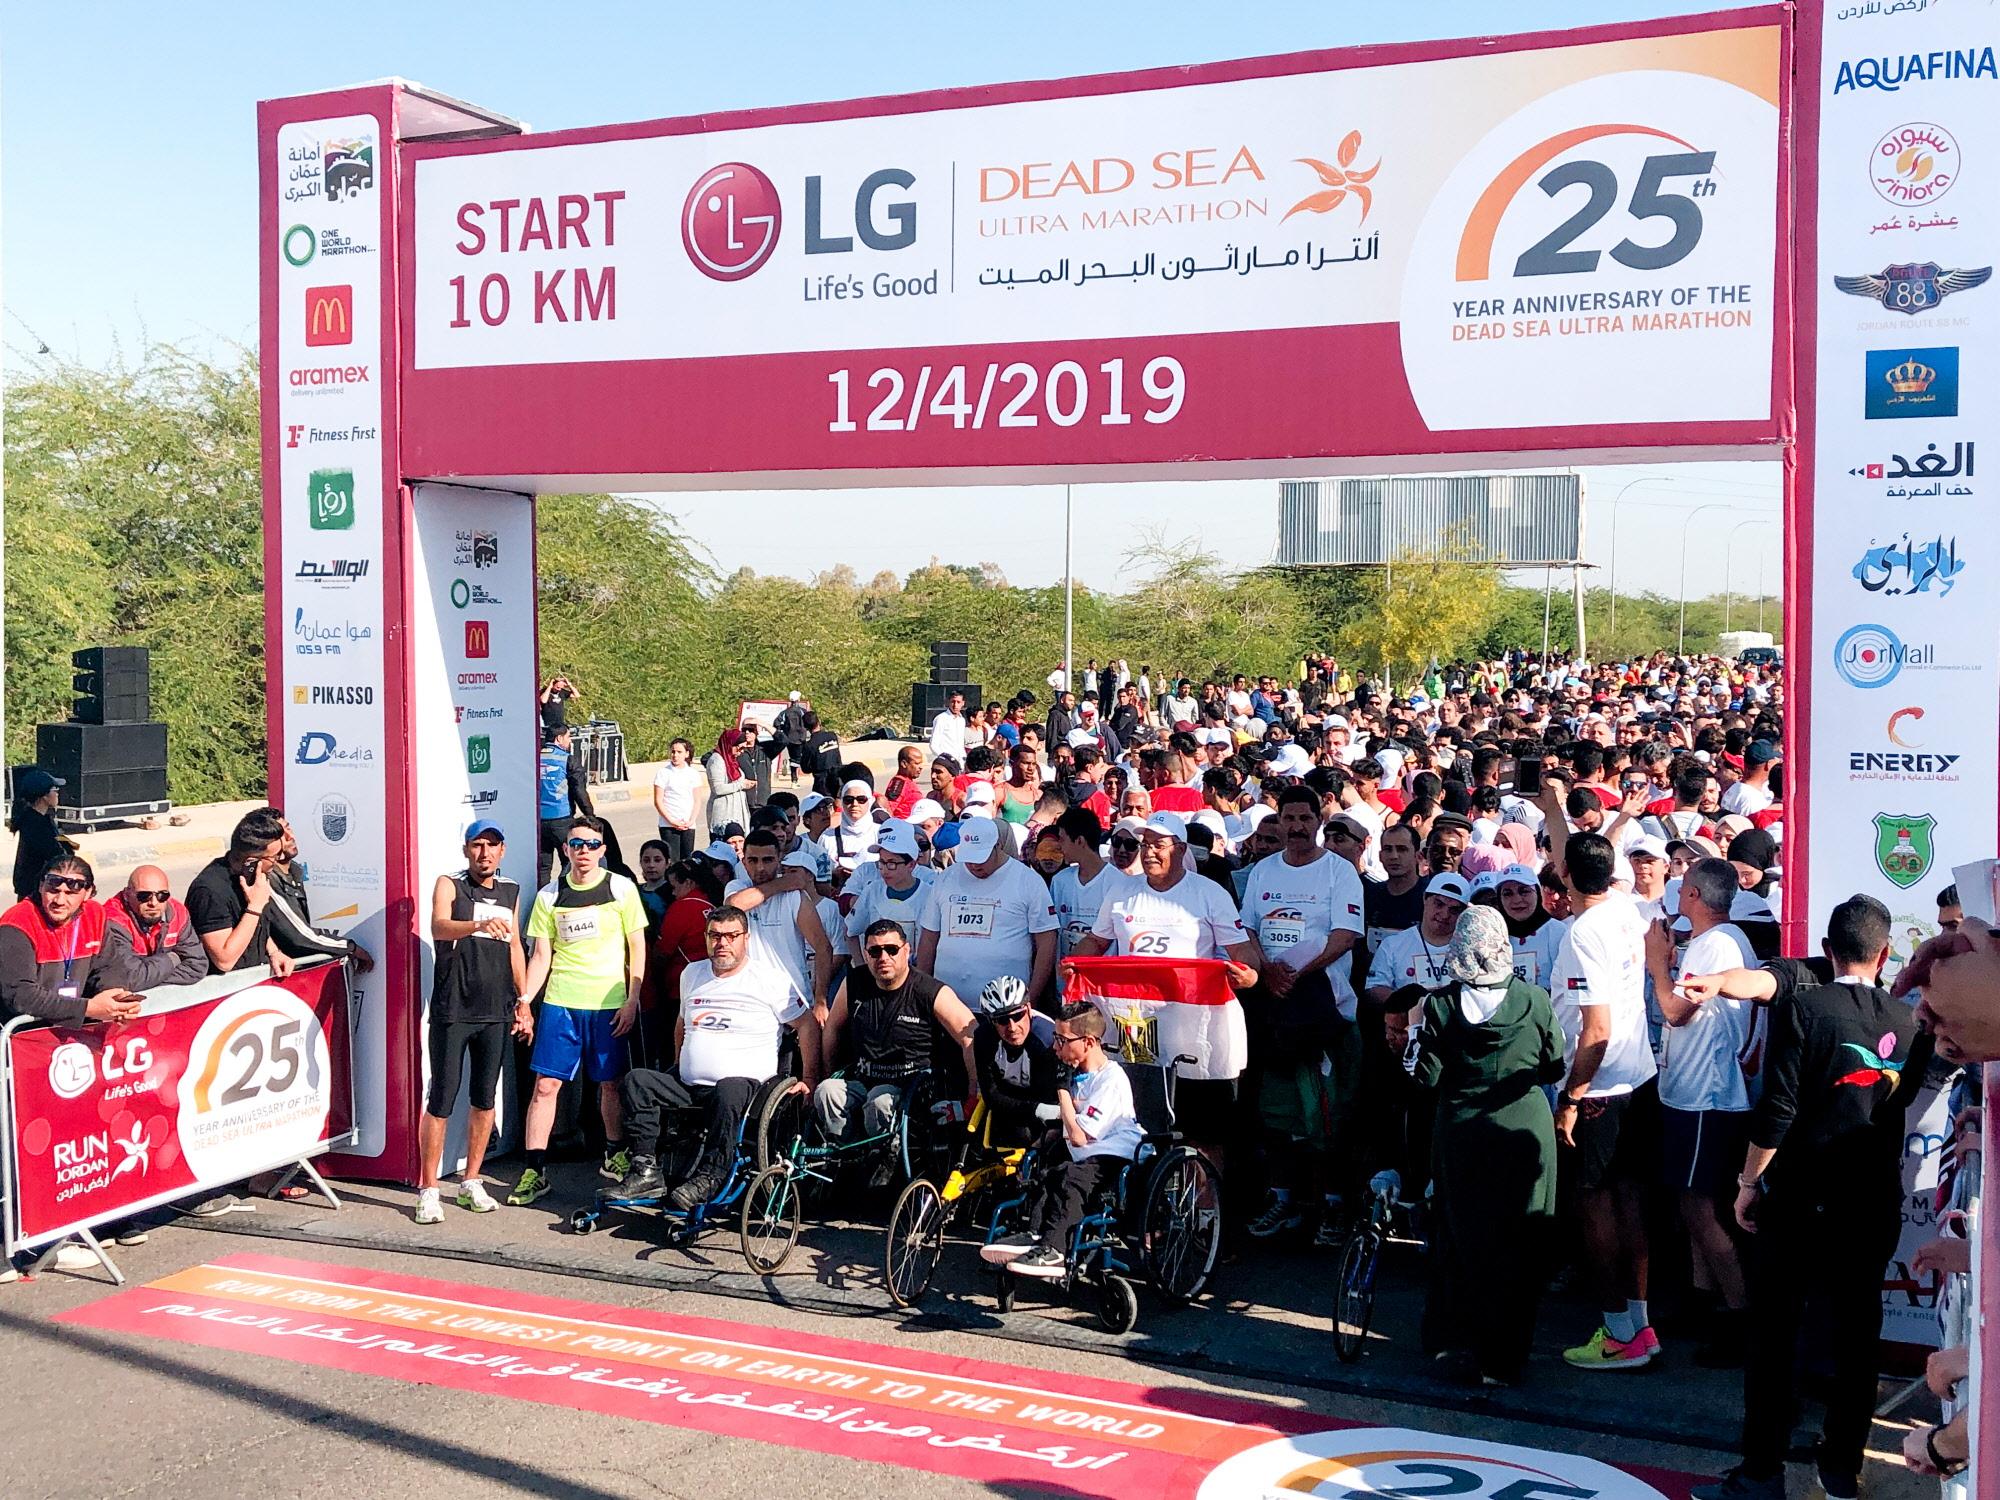 LG전자가 후원하는 LG 사해 울트라 마라톤이 12일 요르단 암만에서 열렸다. 이 대회에는 6세 어린아이부터 70세 노인까지 다양한 연령대의 7000명이 참가했다. 참가자들이 마라톤 시작 지점에서 출발을 준비하고 있다.